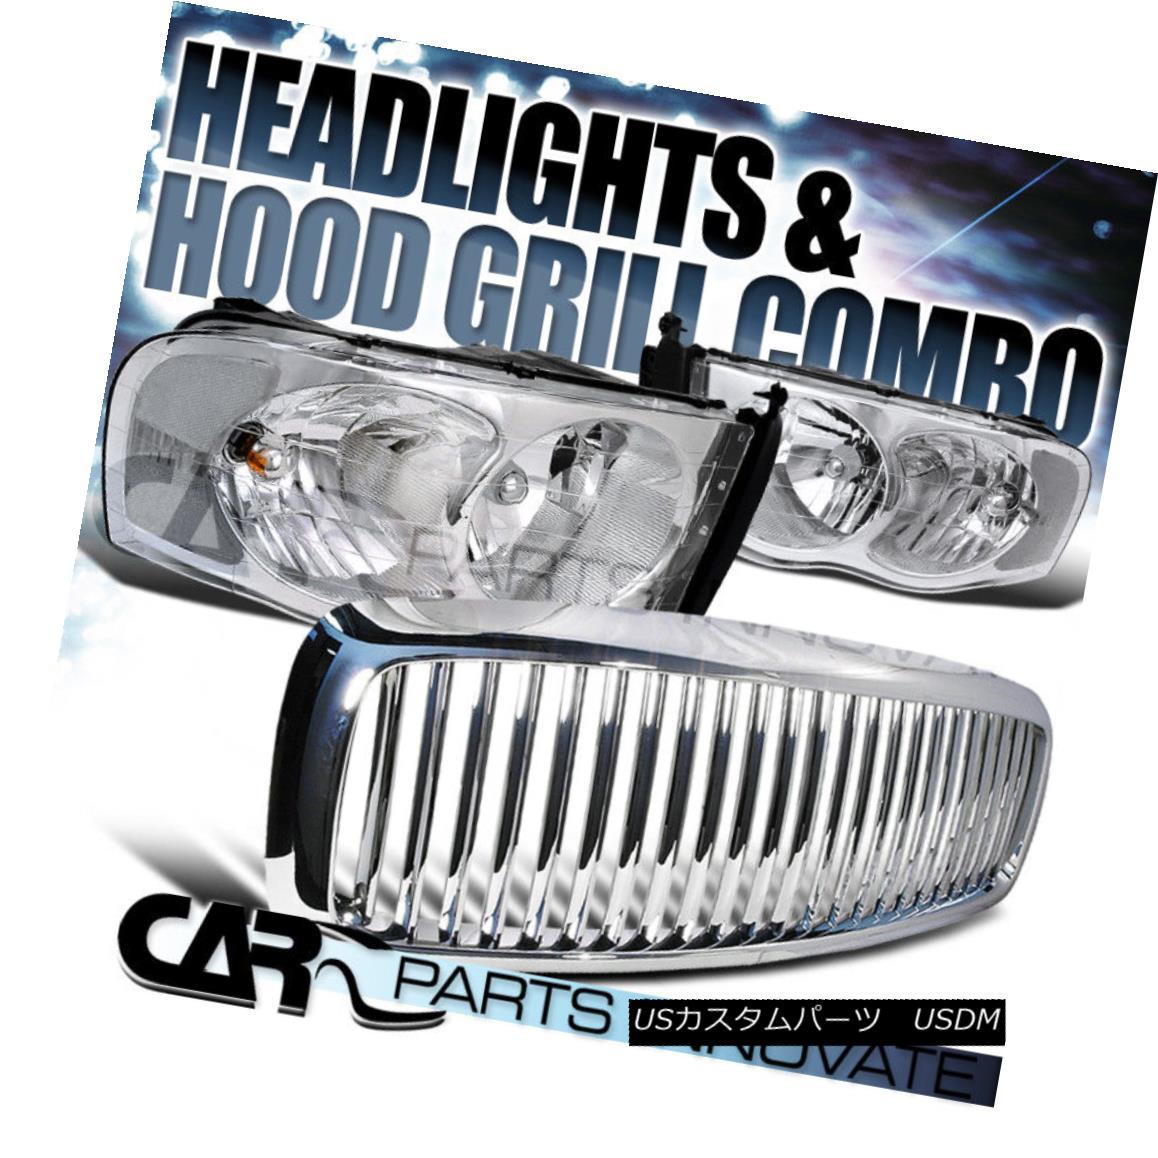 グリル 2002-2005 Ram 1500 2500 3500 Chrome Crystal Headlights+Vertical Hood Grille 2002-2005ラム1500 2500 3500クロームクリスタルヘッドライト+ Ver tical Hood Grille